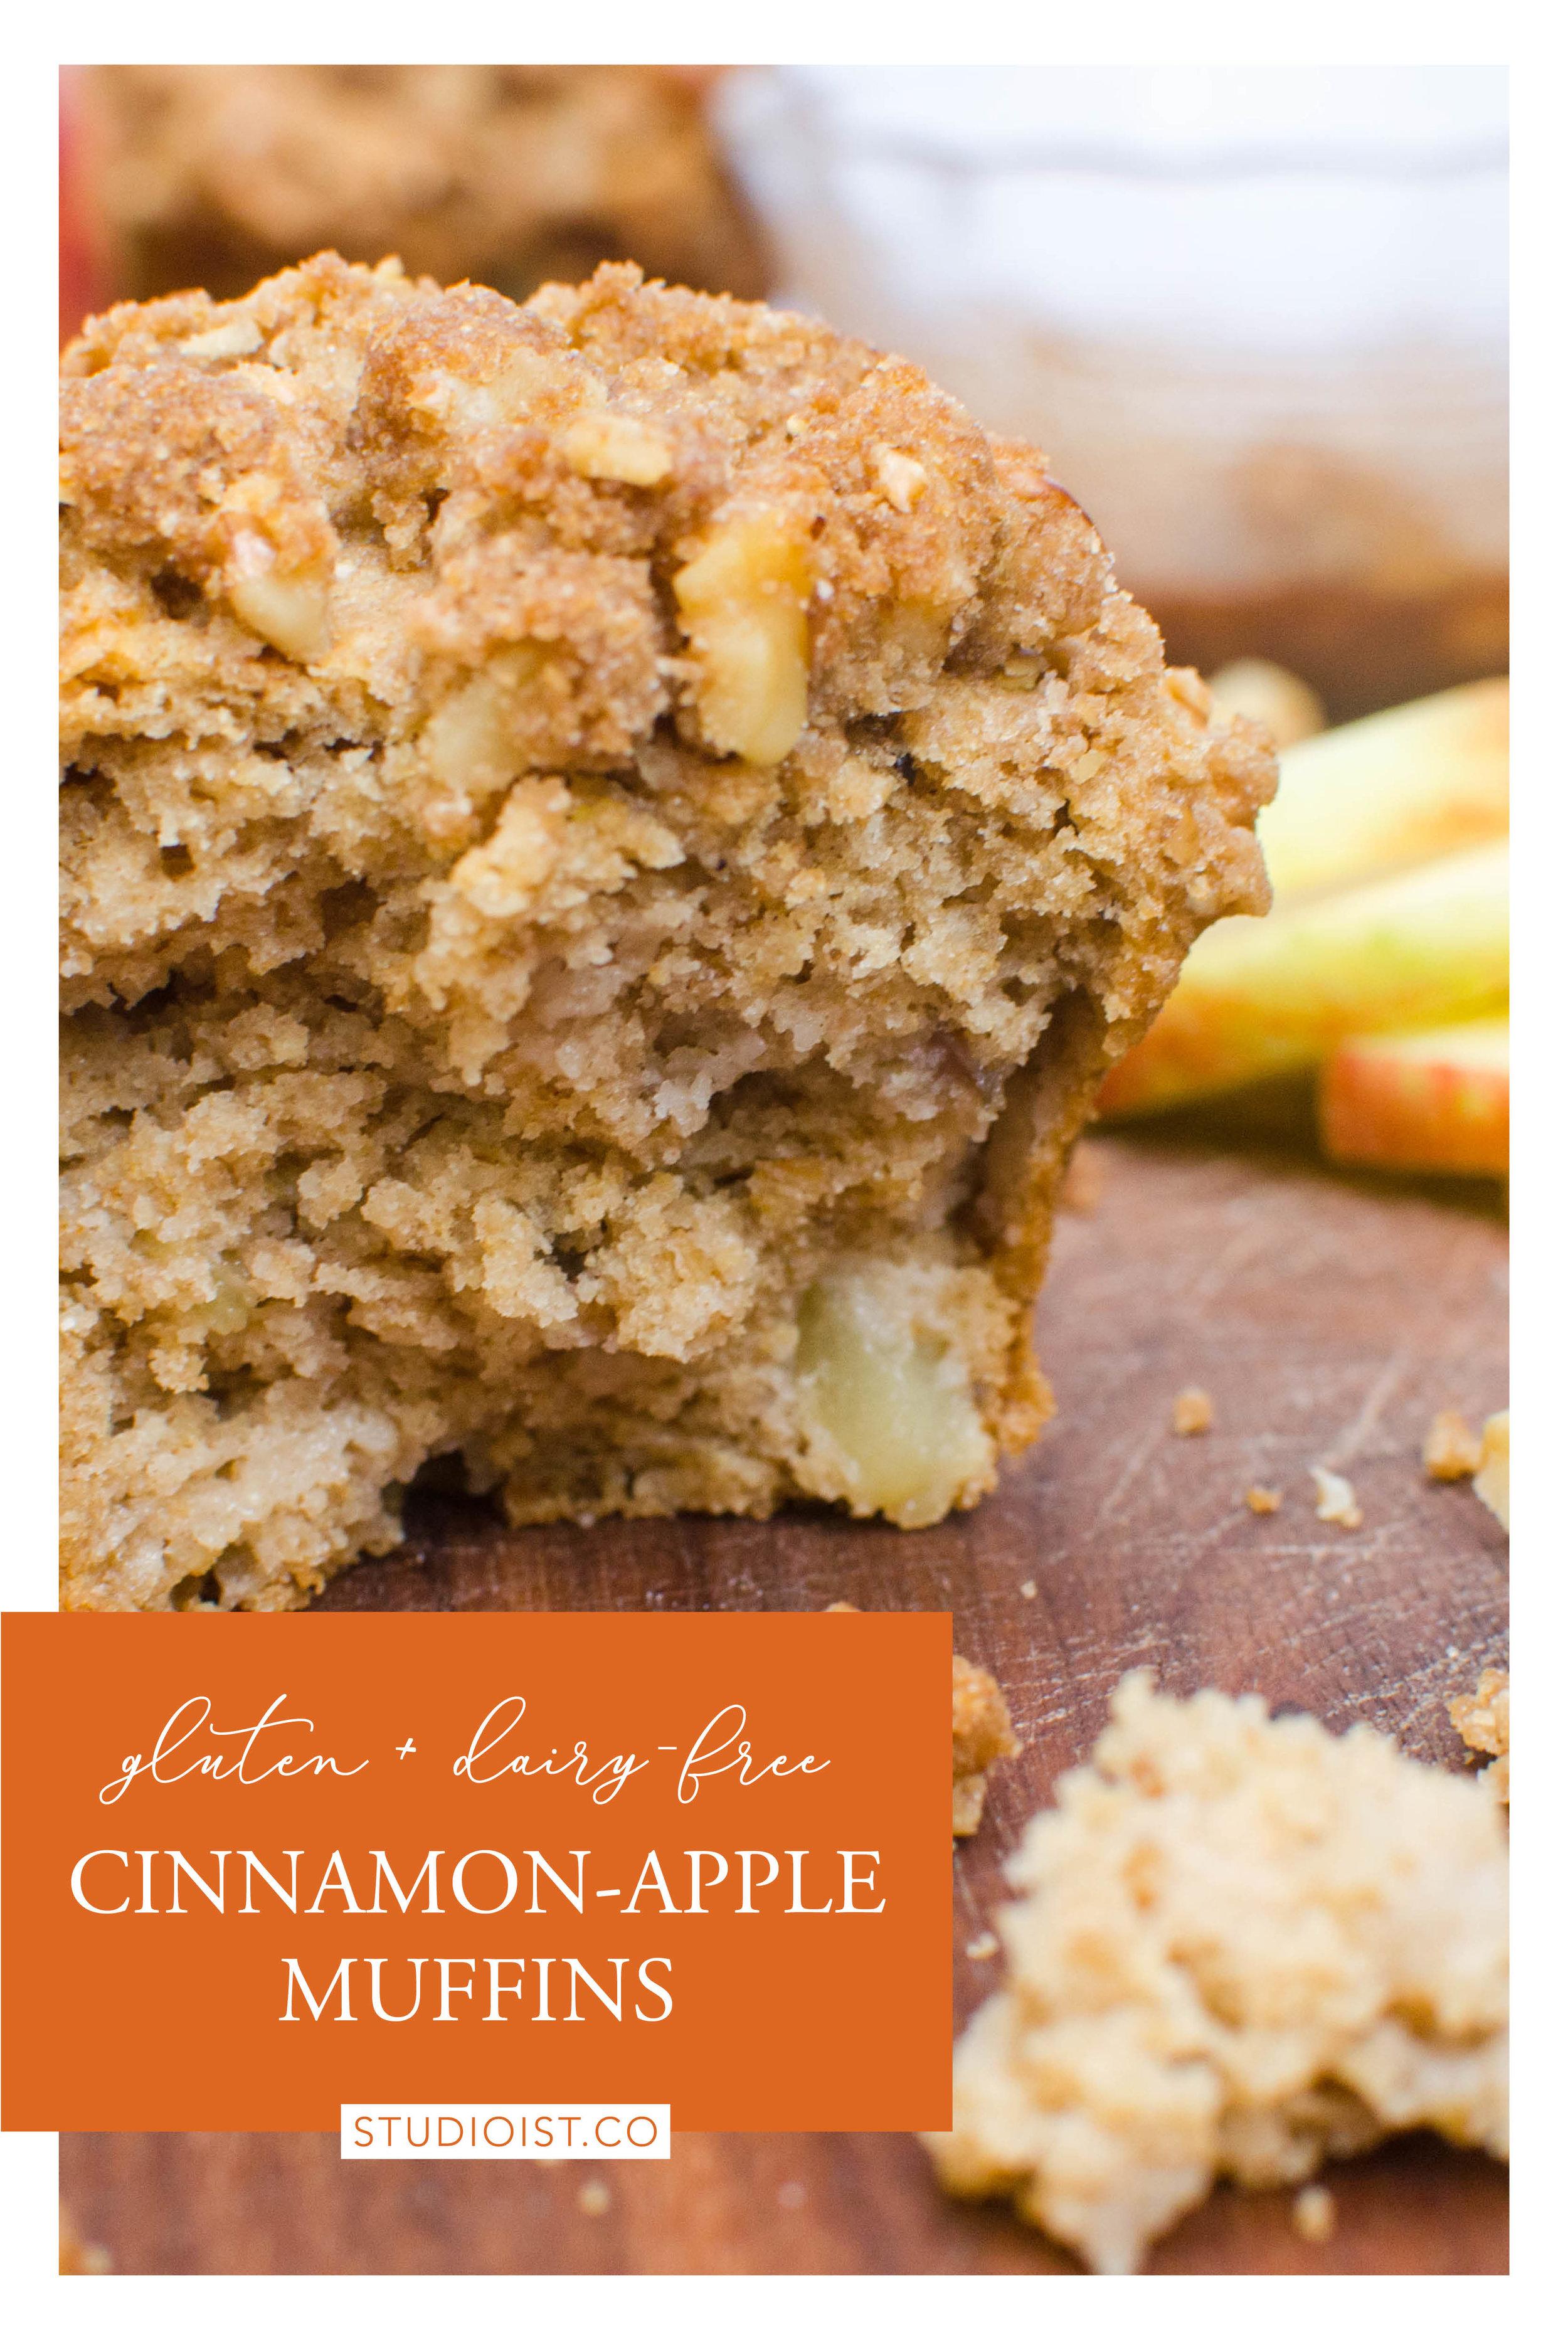 Studioist_Pinterest Design_Cinnamon Apple Muffins4.jpg